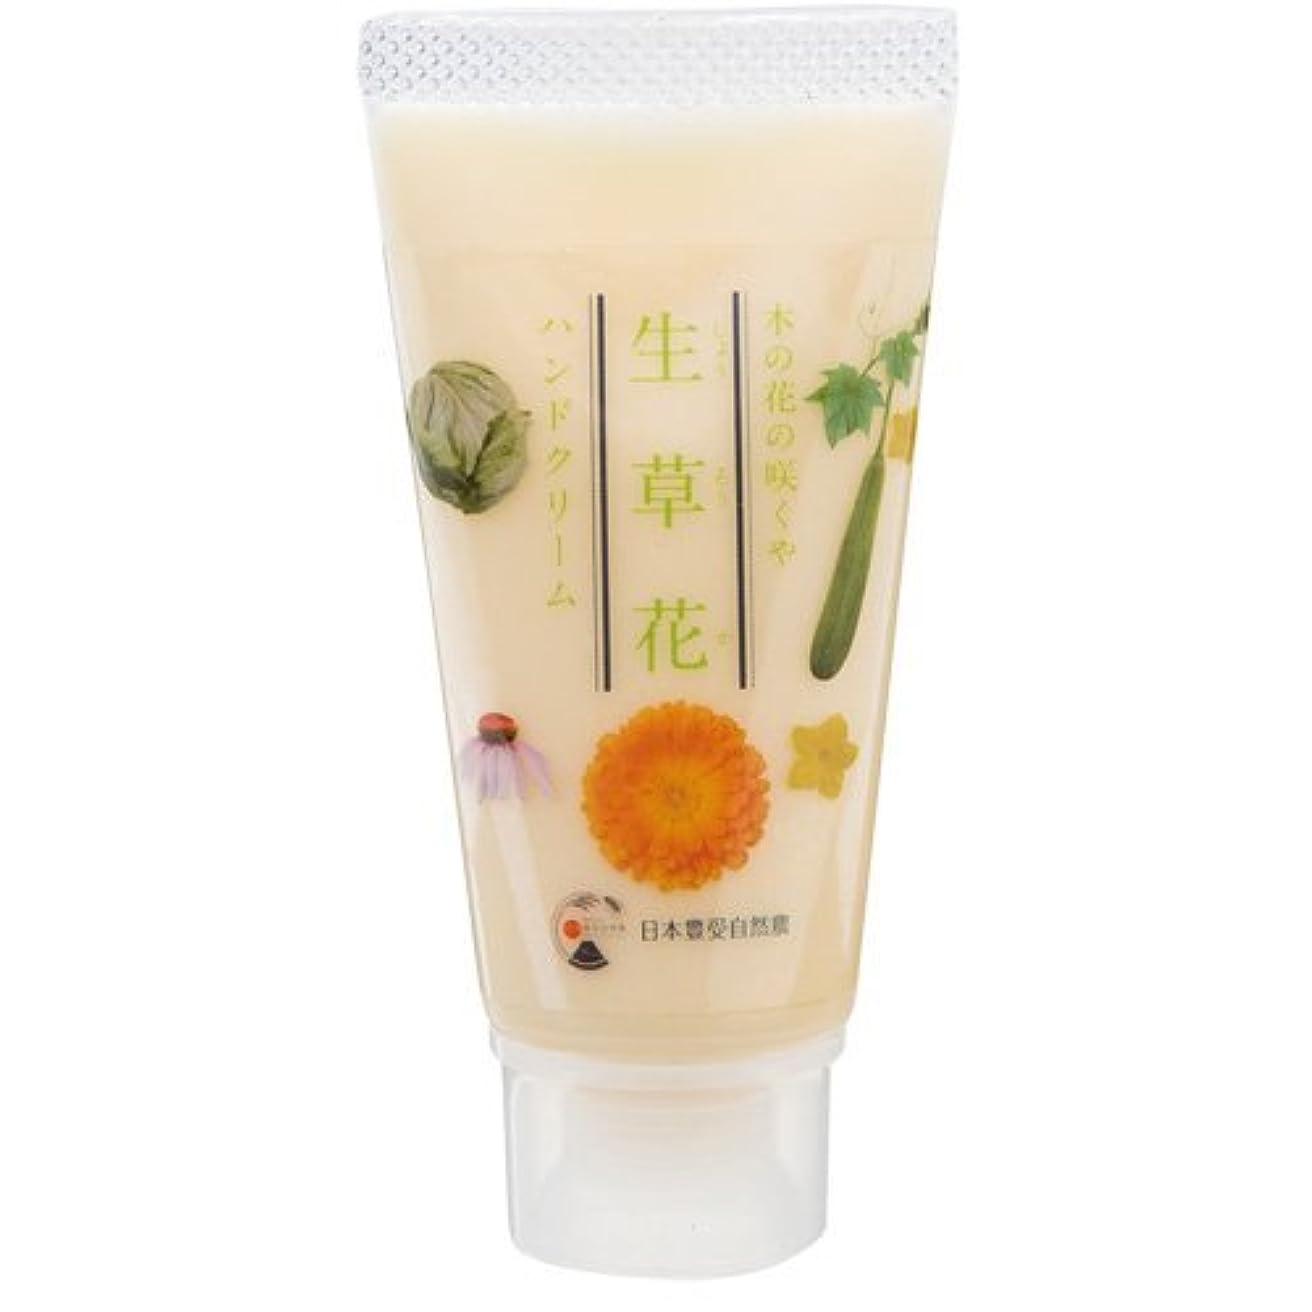 本物の早い交じる日本豊受自然農 木の花の咲くや 生草花 ハンドクリーム 30g